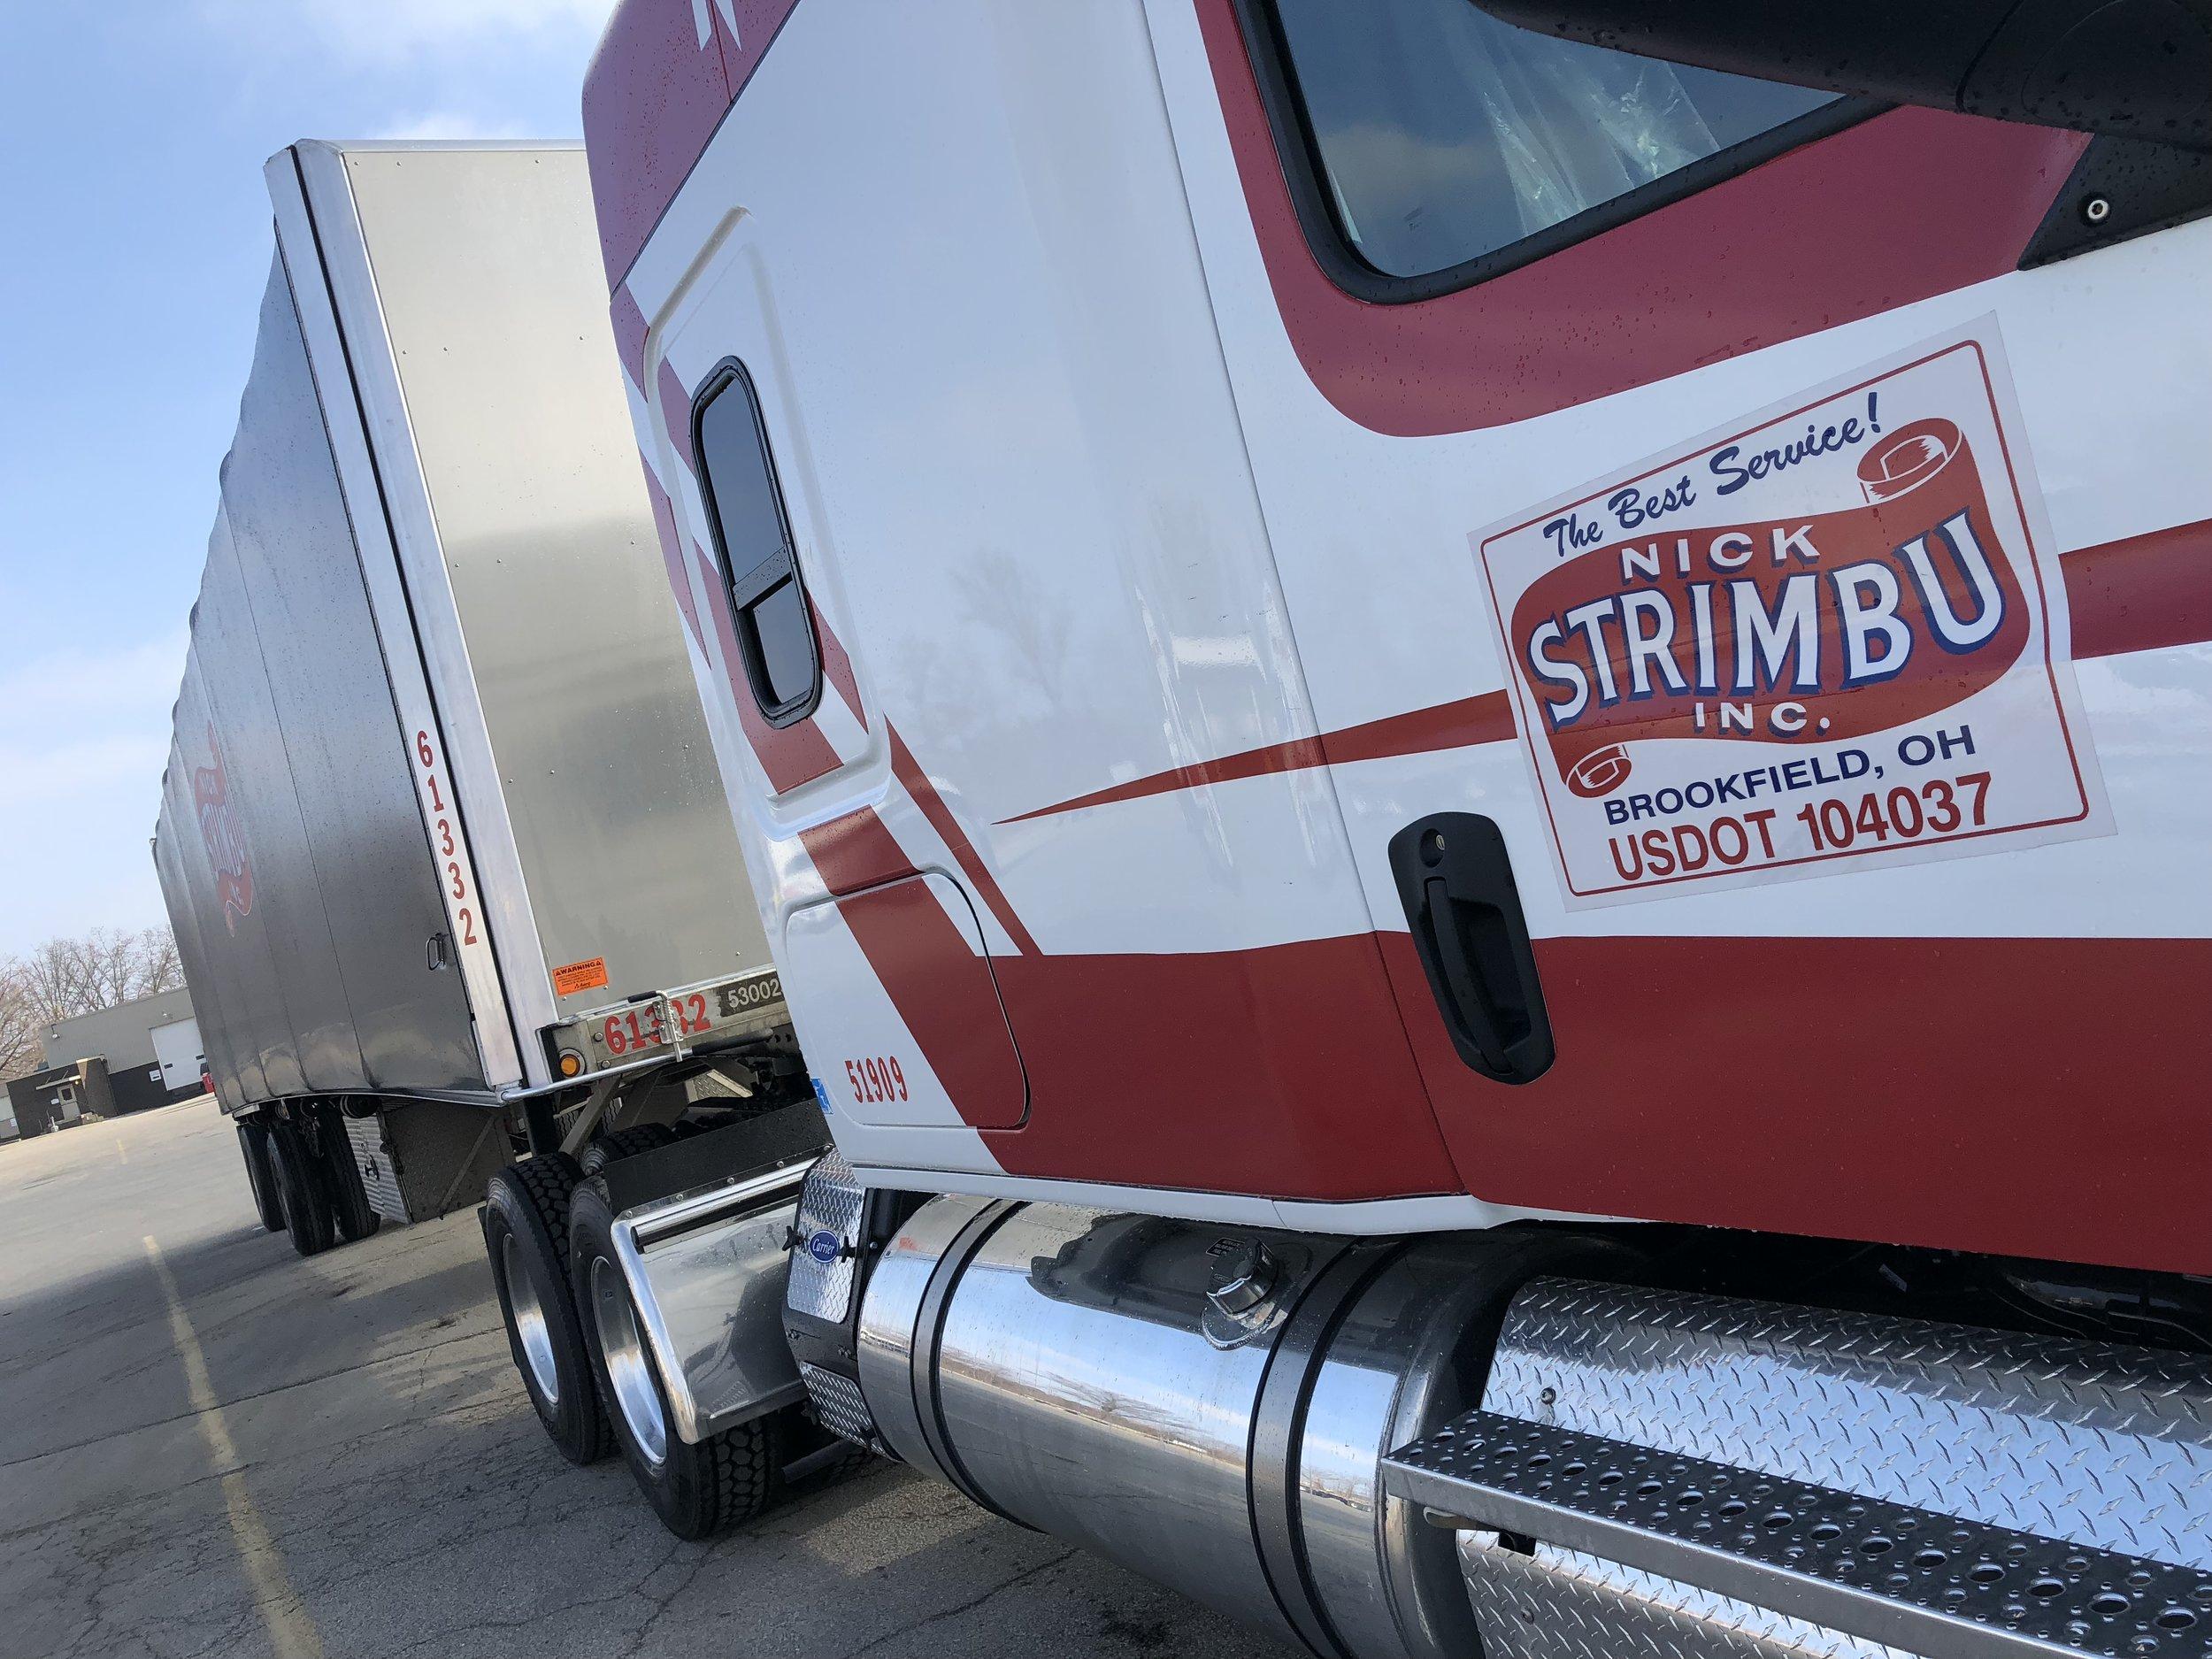 Strimbu-219.jpg